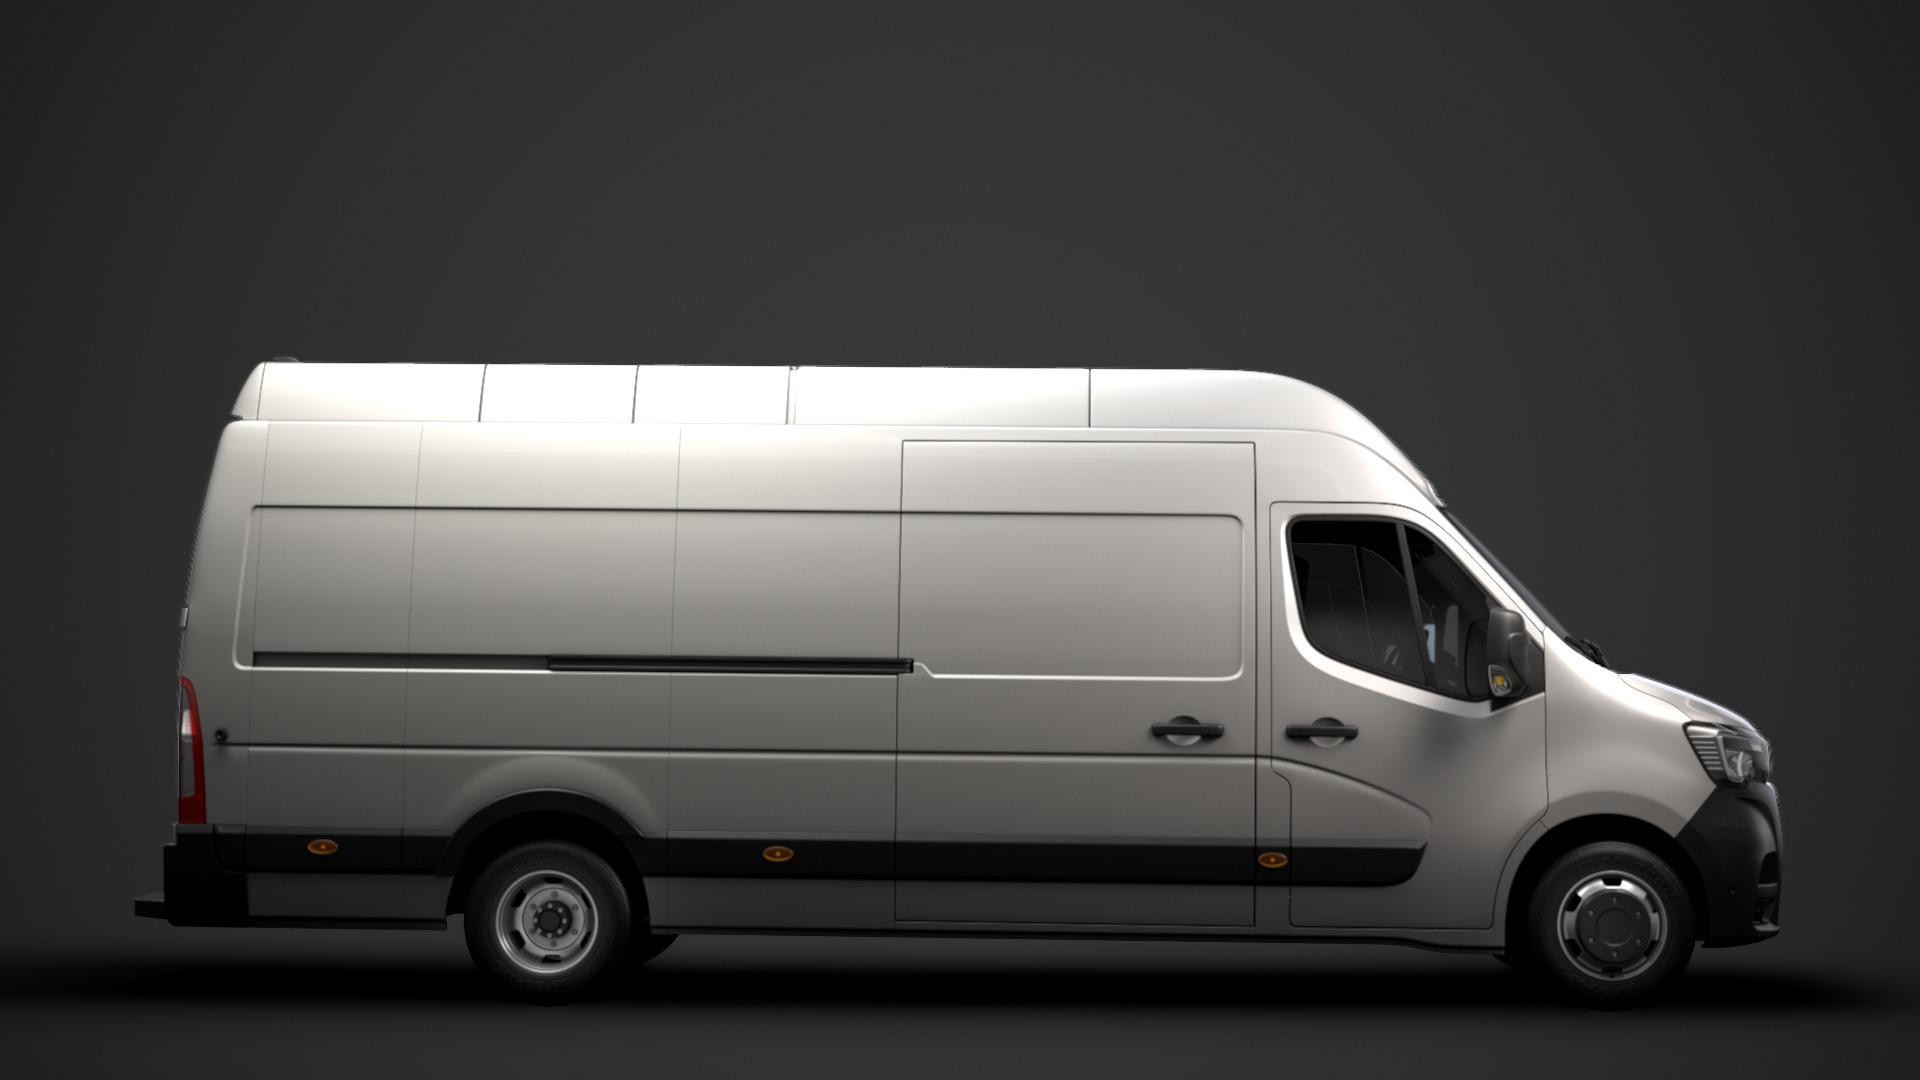 Location d'un utilitaire fourgon maxi surélevé - Renault Master L4H3 15m3 - Vue3